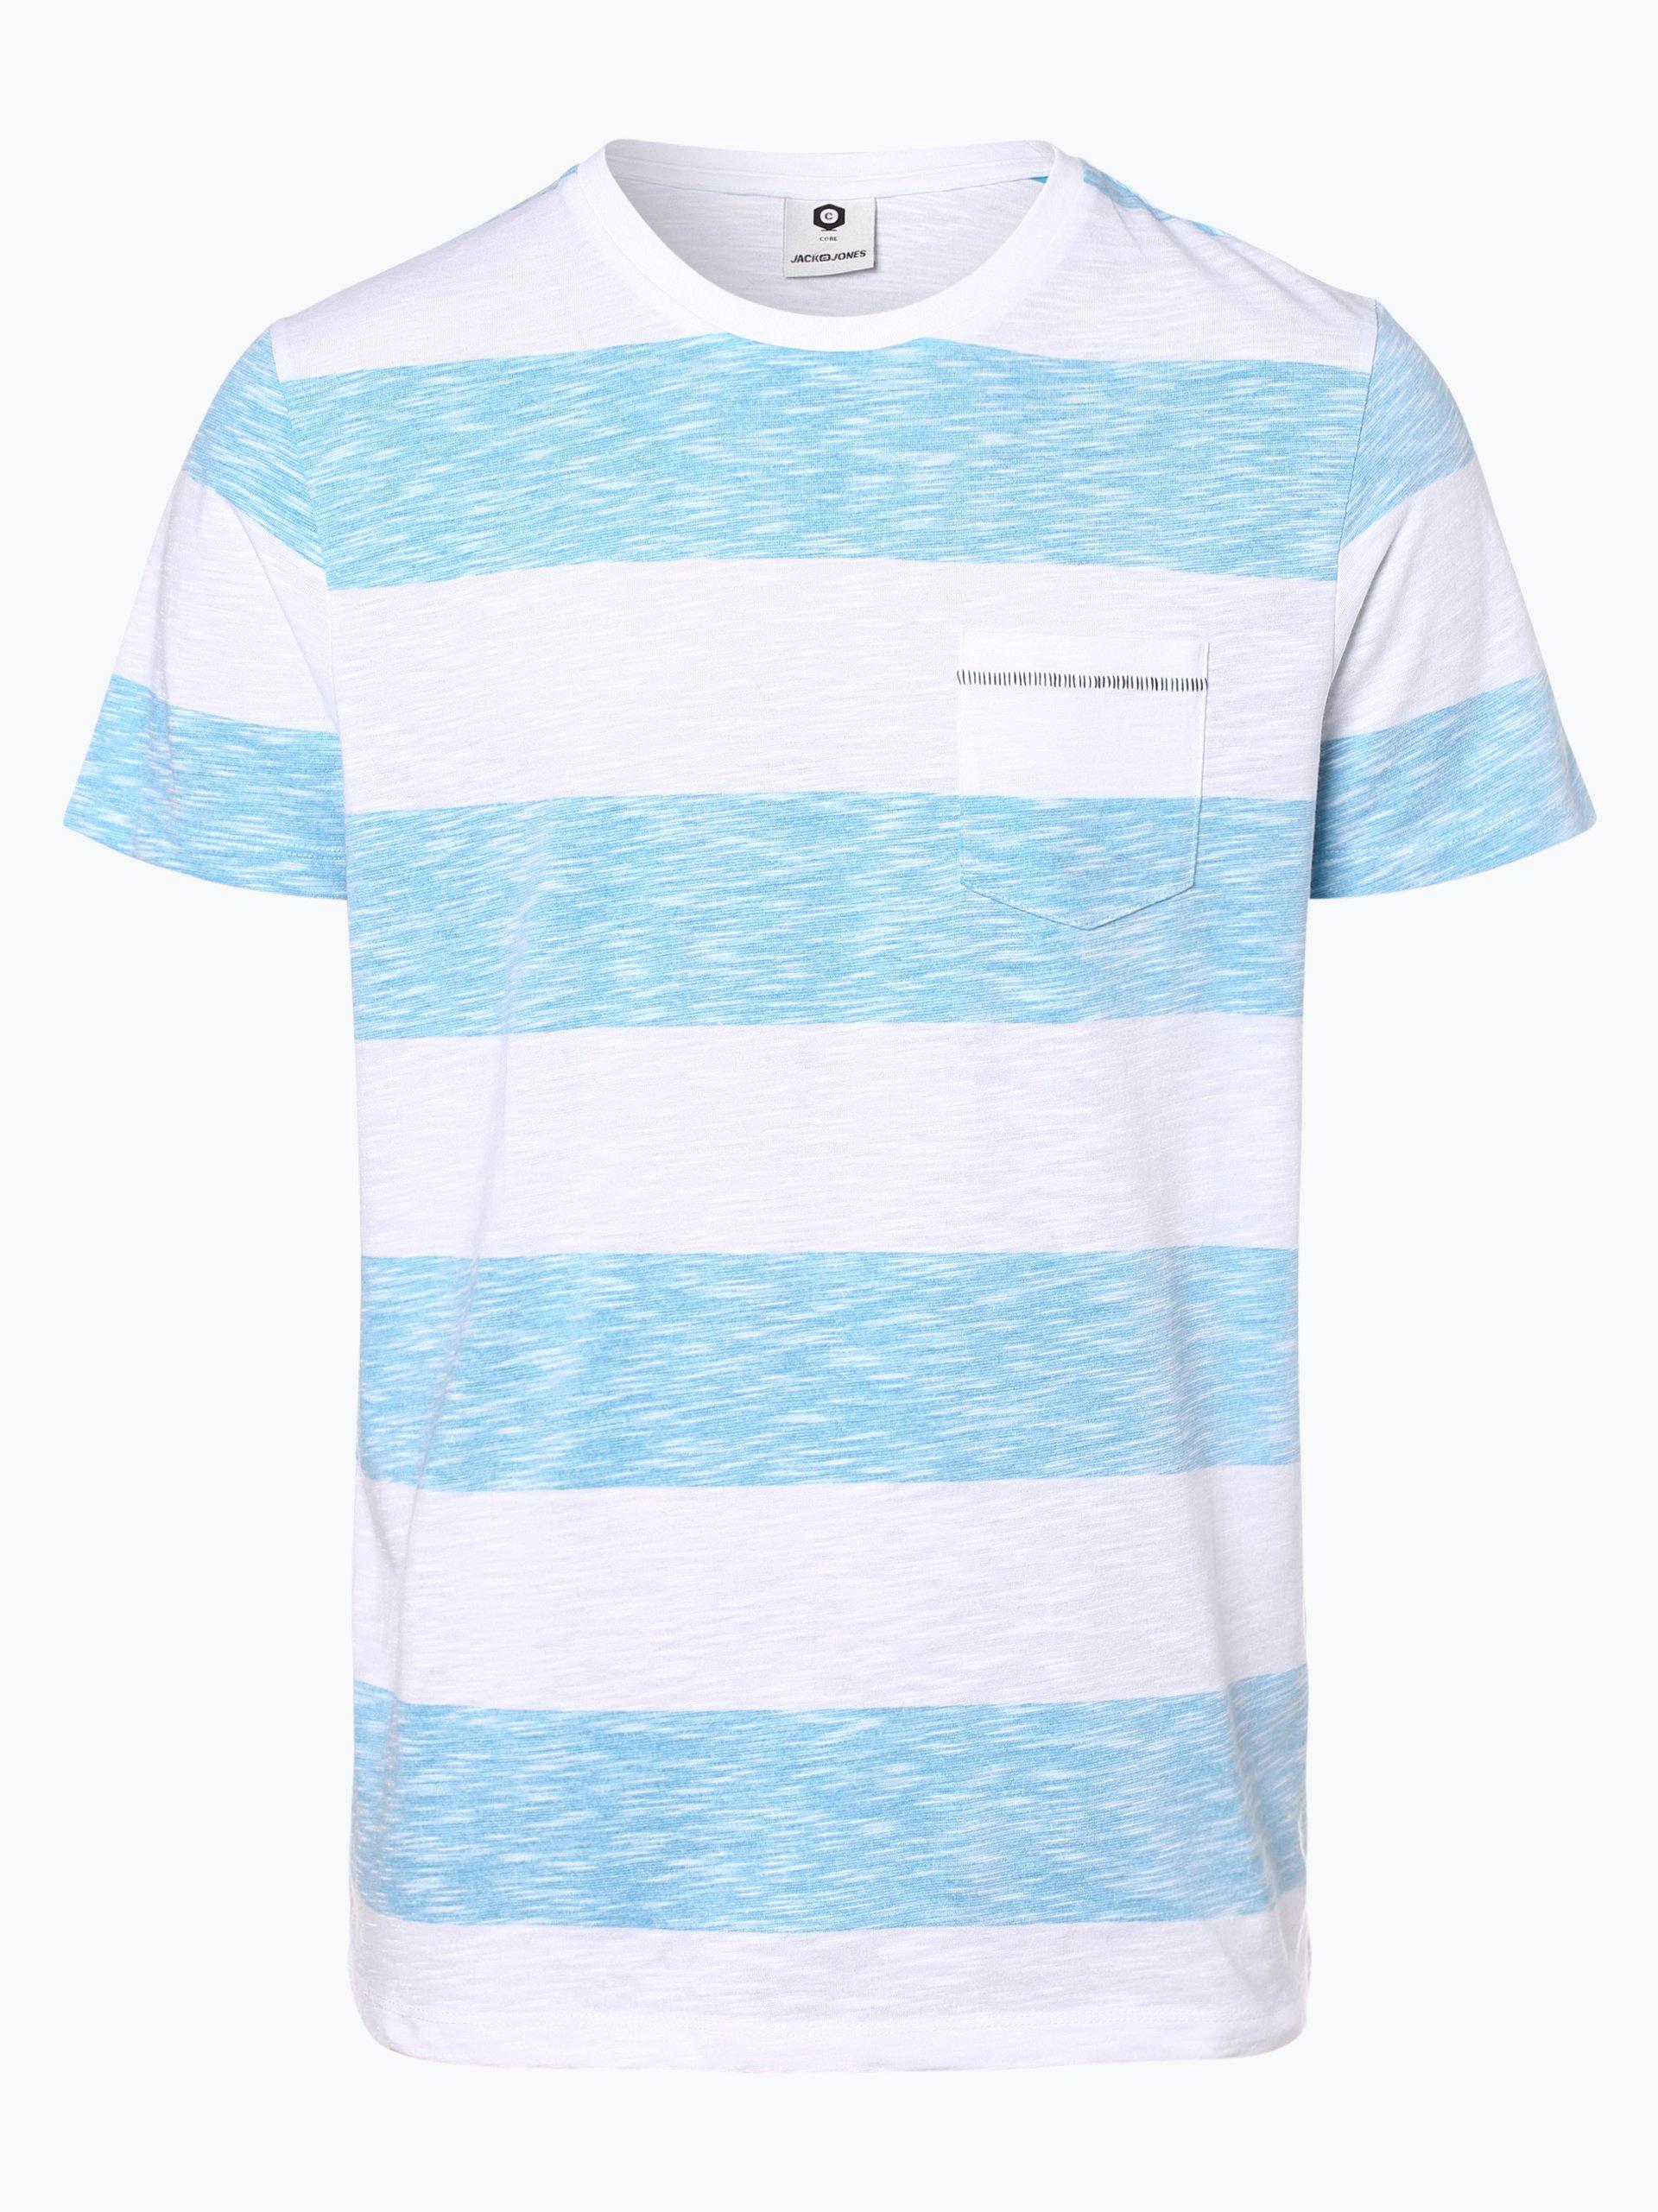 Jack & Jones Herren T-Shirt - Jcostray